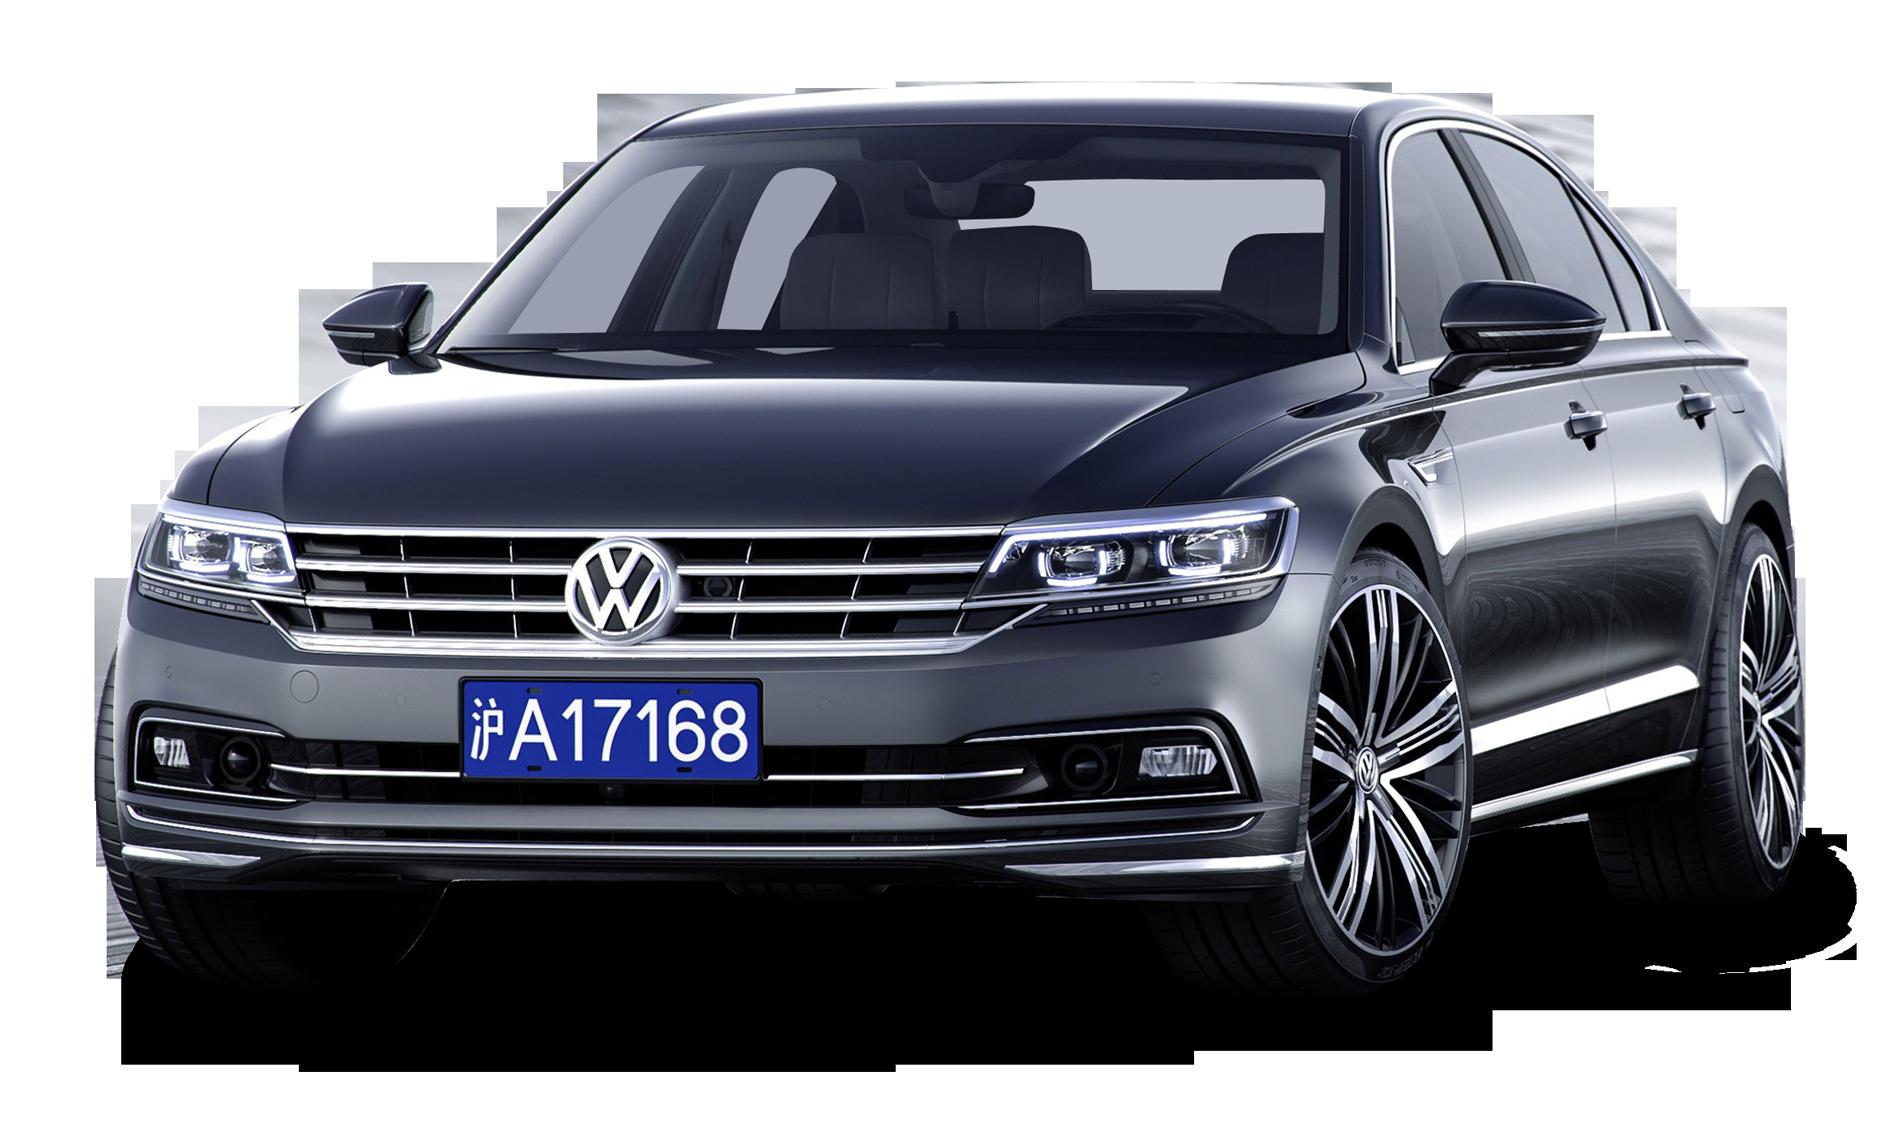 Grey Volkswagen Phideon luxury Car